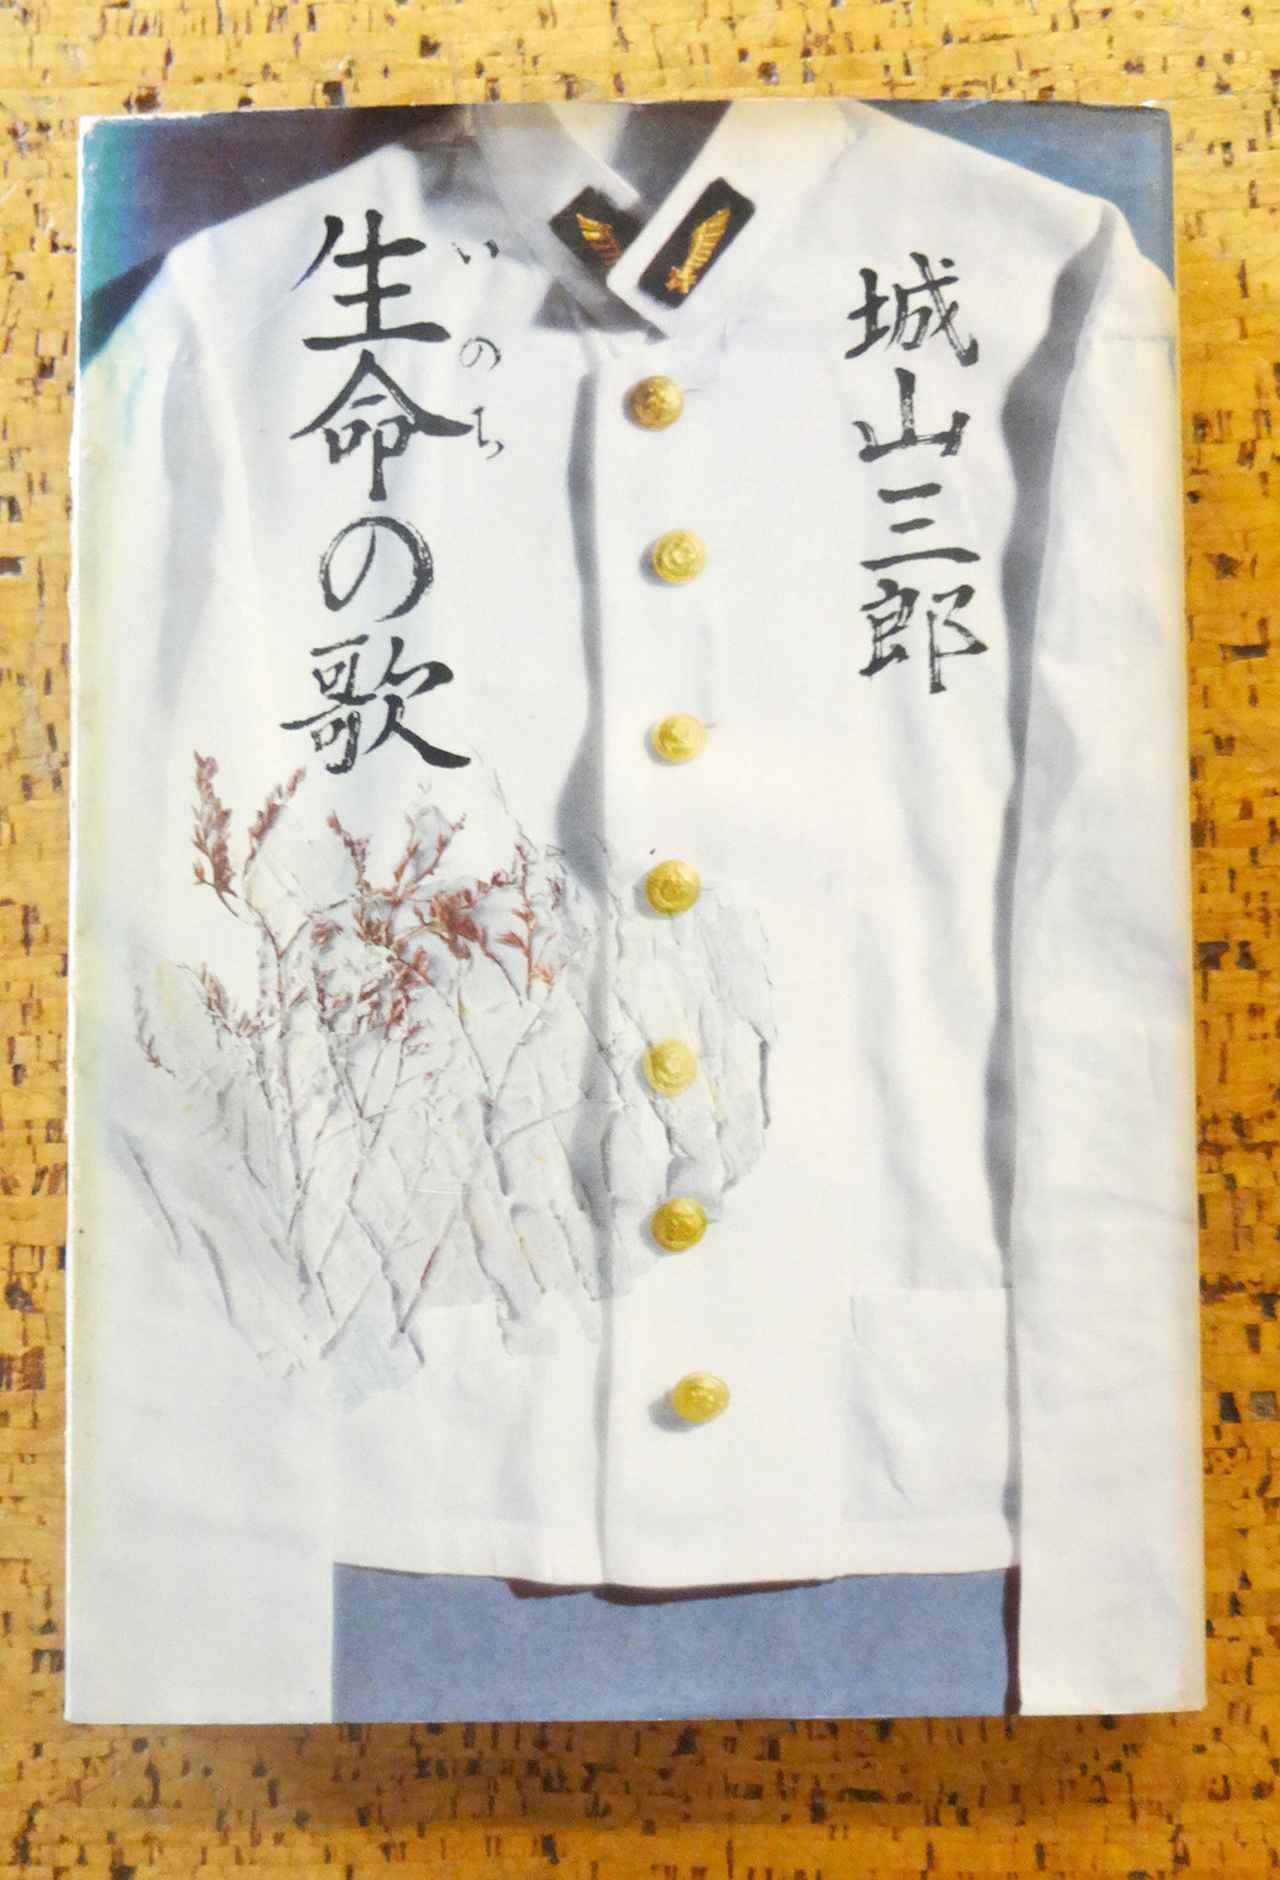 画像1: 永遠の図書室通信 第38話「著者 城山三郎」